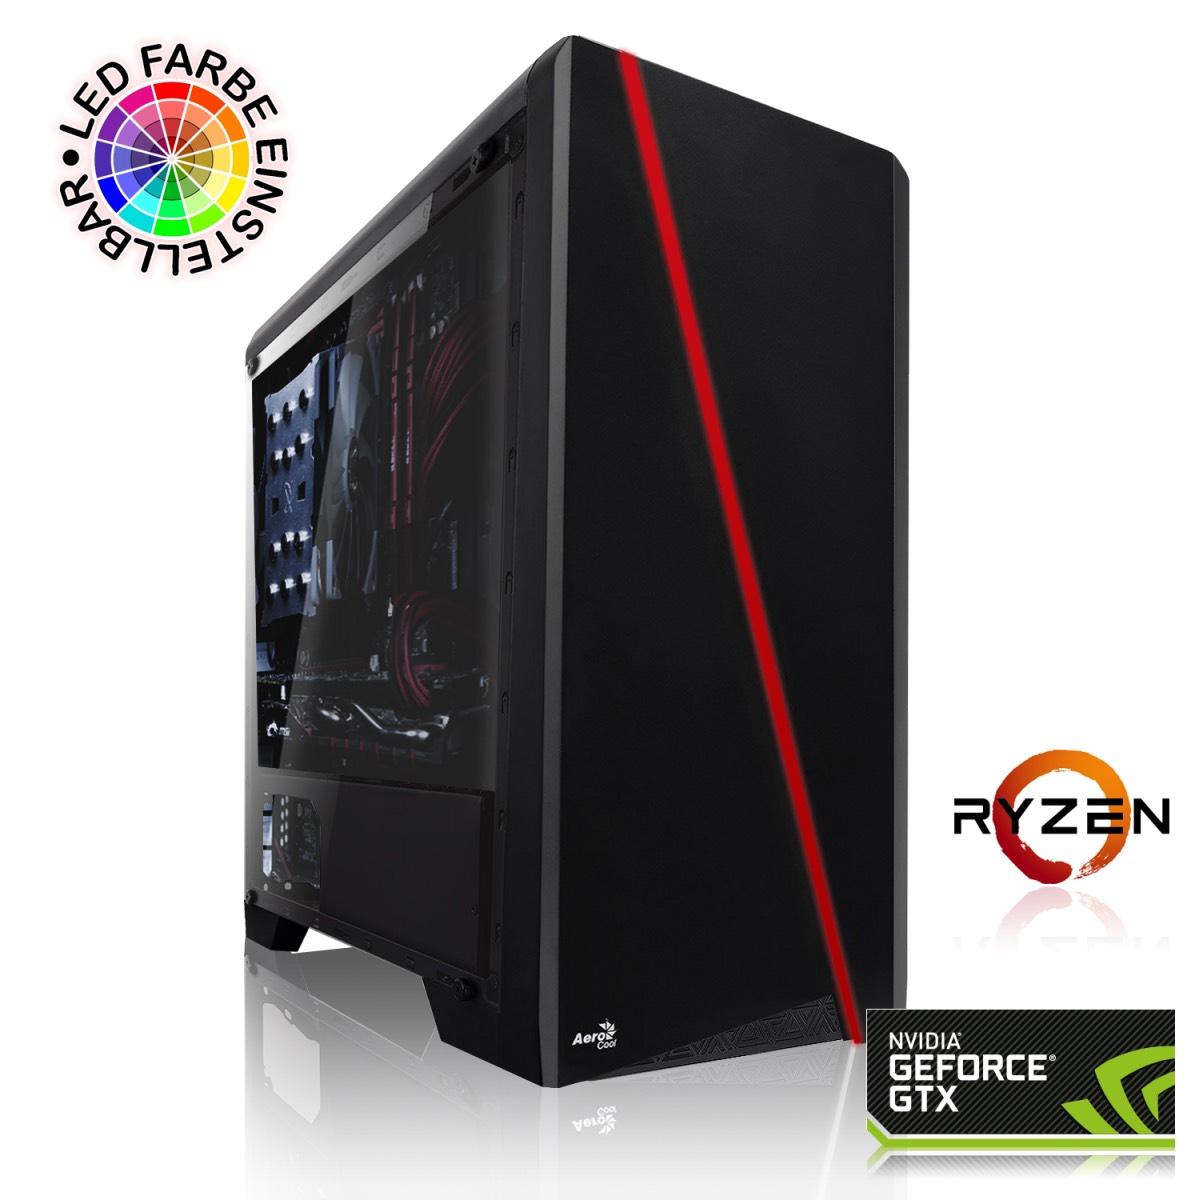 PC Gaming - AMD Ryzen 5 2600X, 16 Go RAM DDR4, GTX 1660 Ti, 240 Go SSD + 2 To HDD, Sans OS